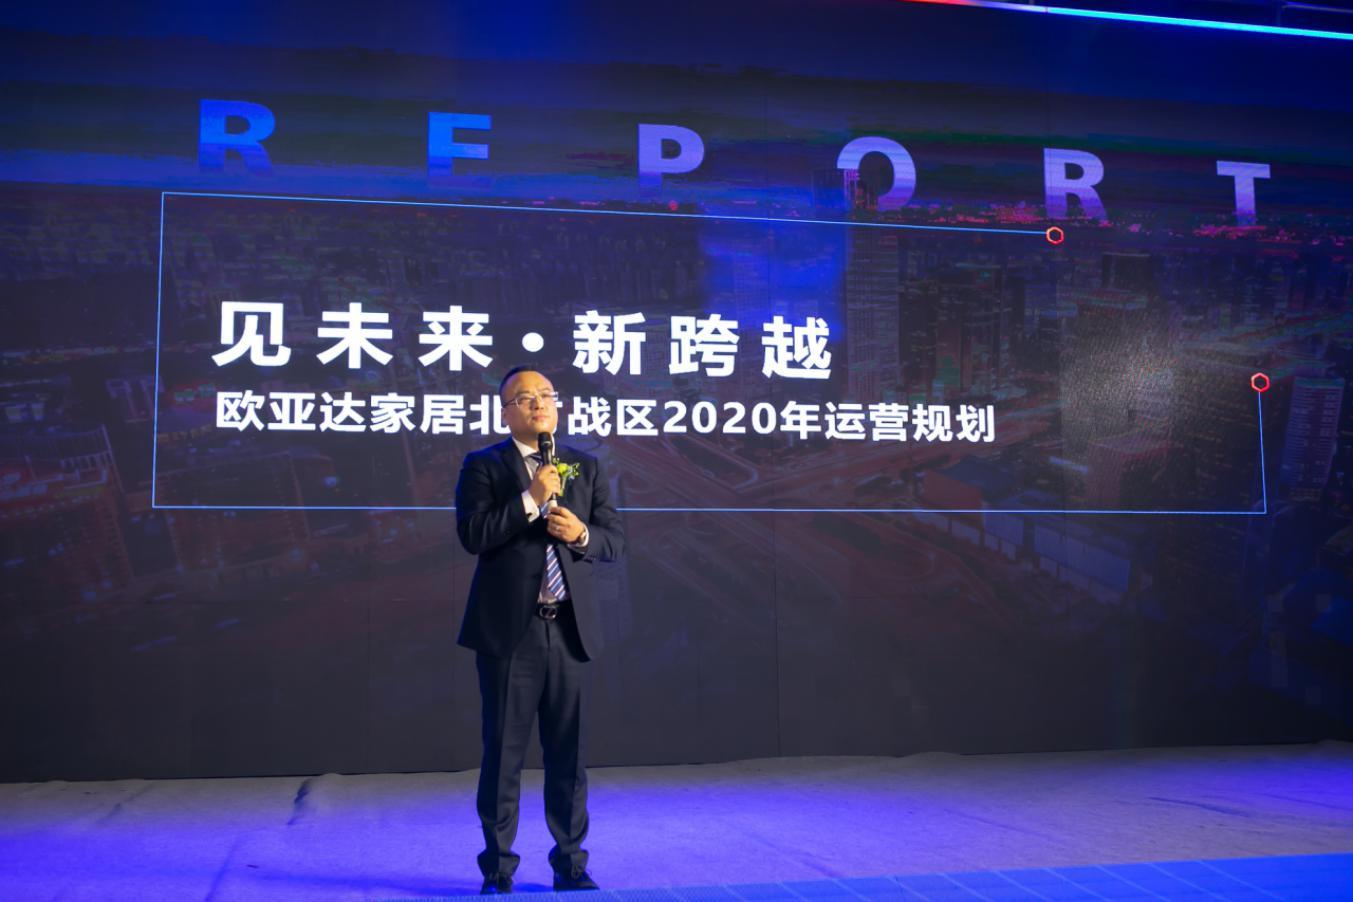 襄盛举.绘蓝图.新跨越  2020年欧亚达家居济南商场年度盛典精彩上演-中国网地产